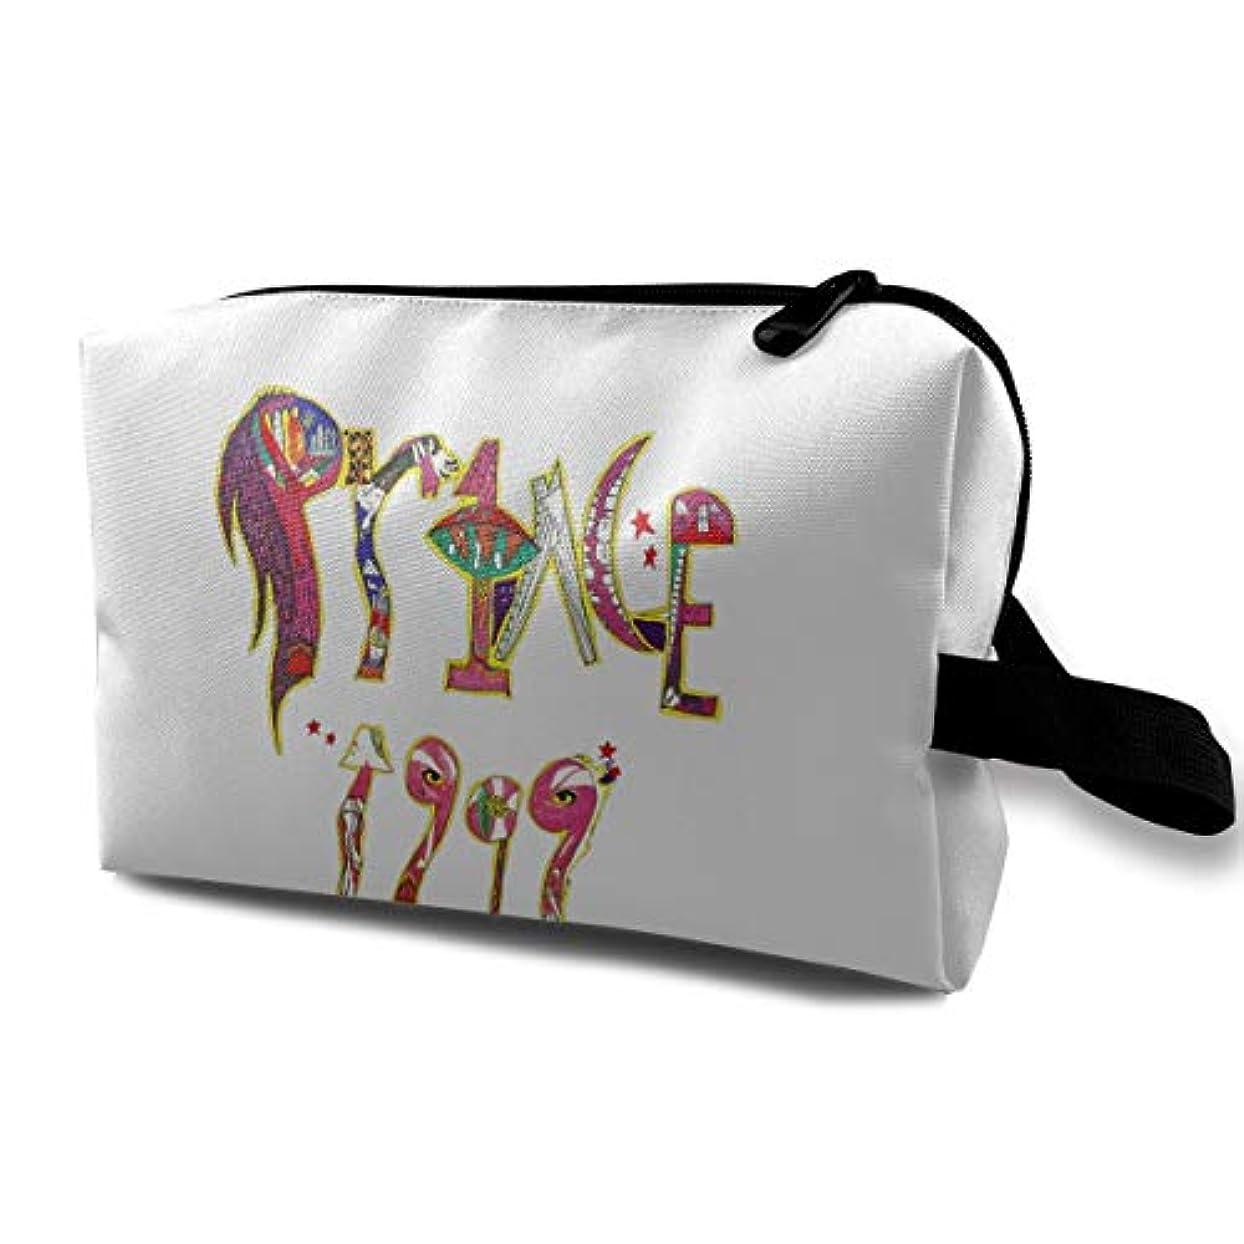 モデレータロゴ作曲する化粧ポーチ 防水 機能的 旅行化粧品バッグ 持ち運び便利 トラベル収納バッグ